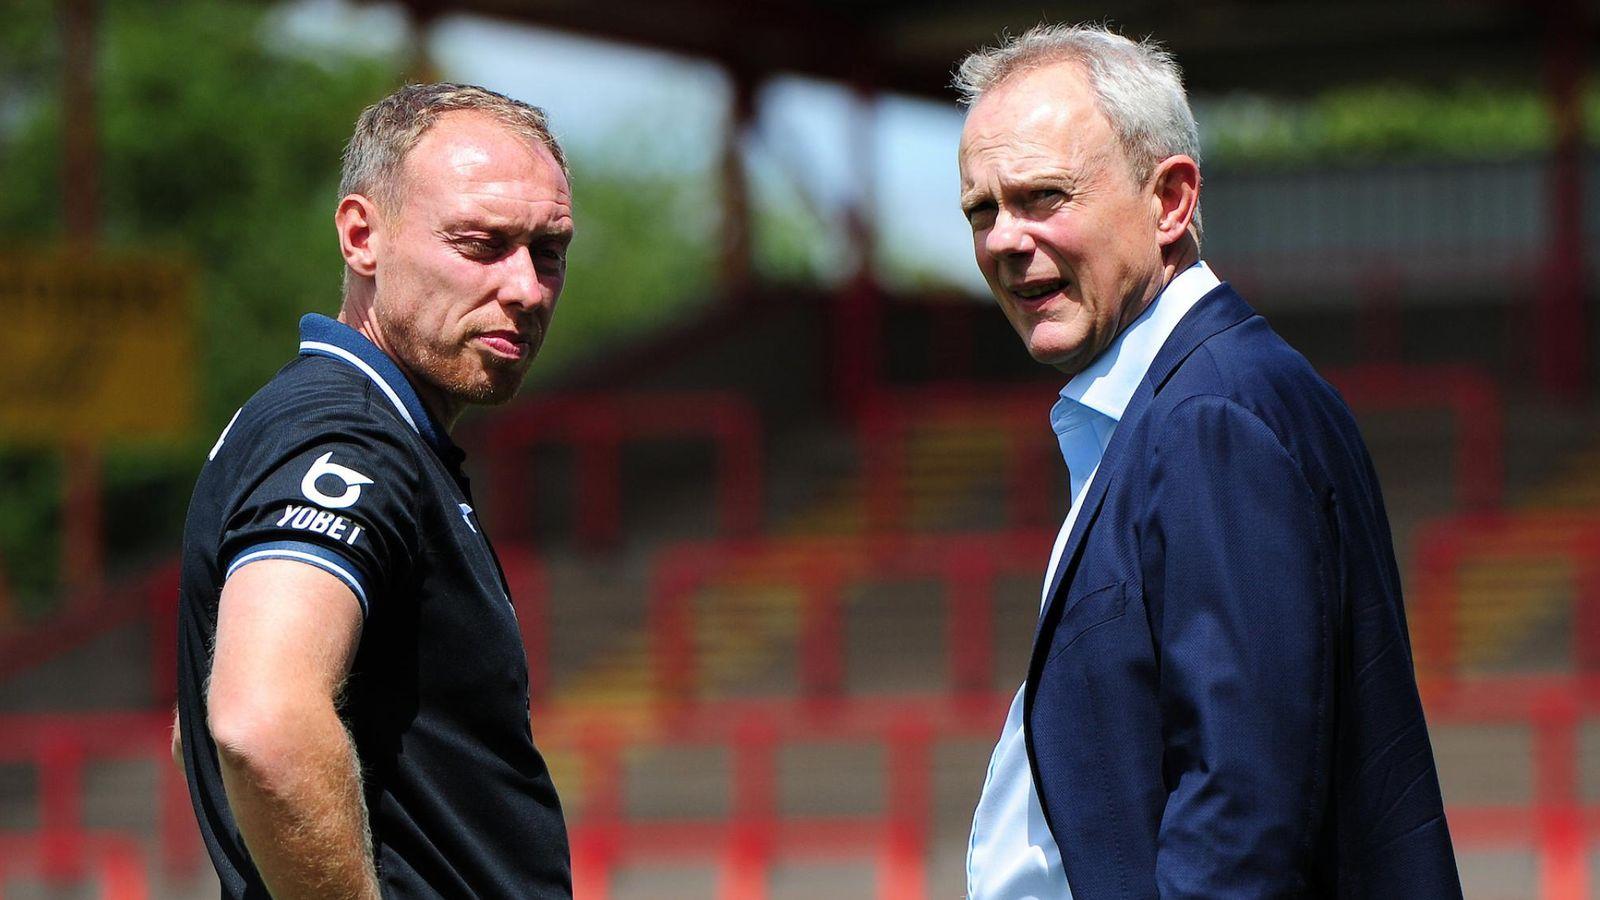 El gerente de Swansea Steve Cooper y el presidente Trevor Birch acuerdan aplazamientos salariales | Noticias de futbol 53